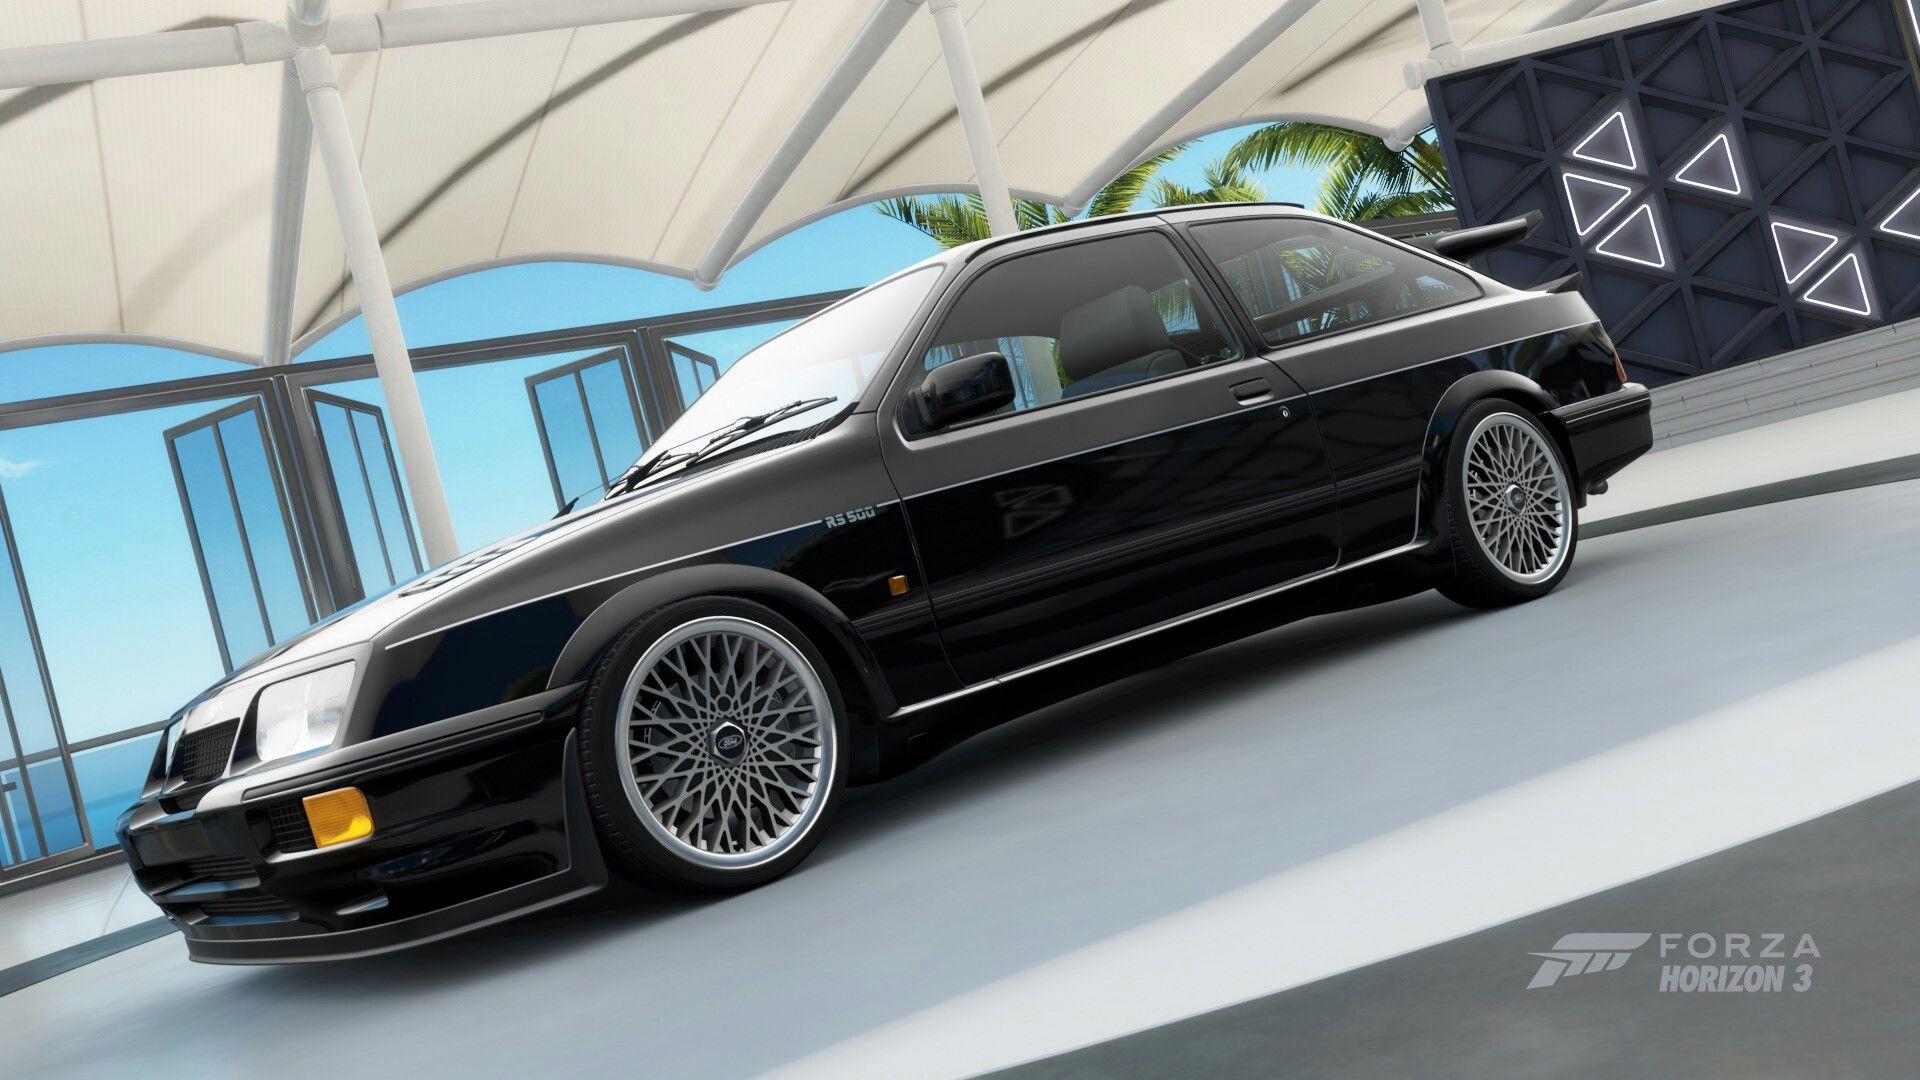 Ford Sierra Cosworth Forza Horizon 3 Wheel Glitch Ford Sierra